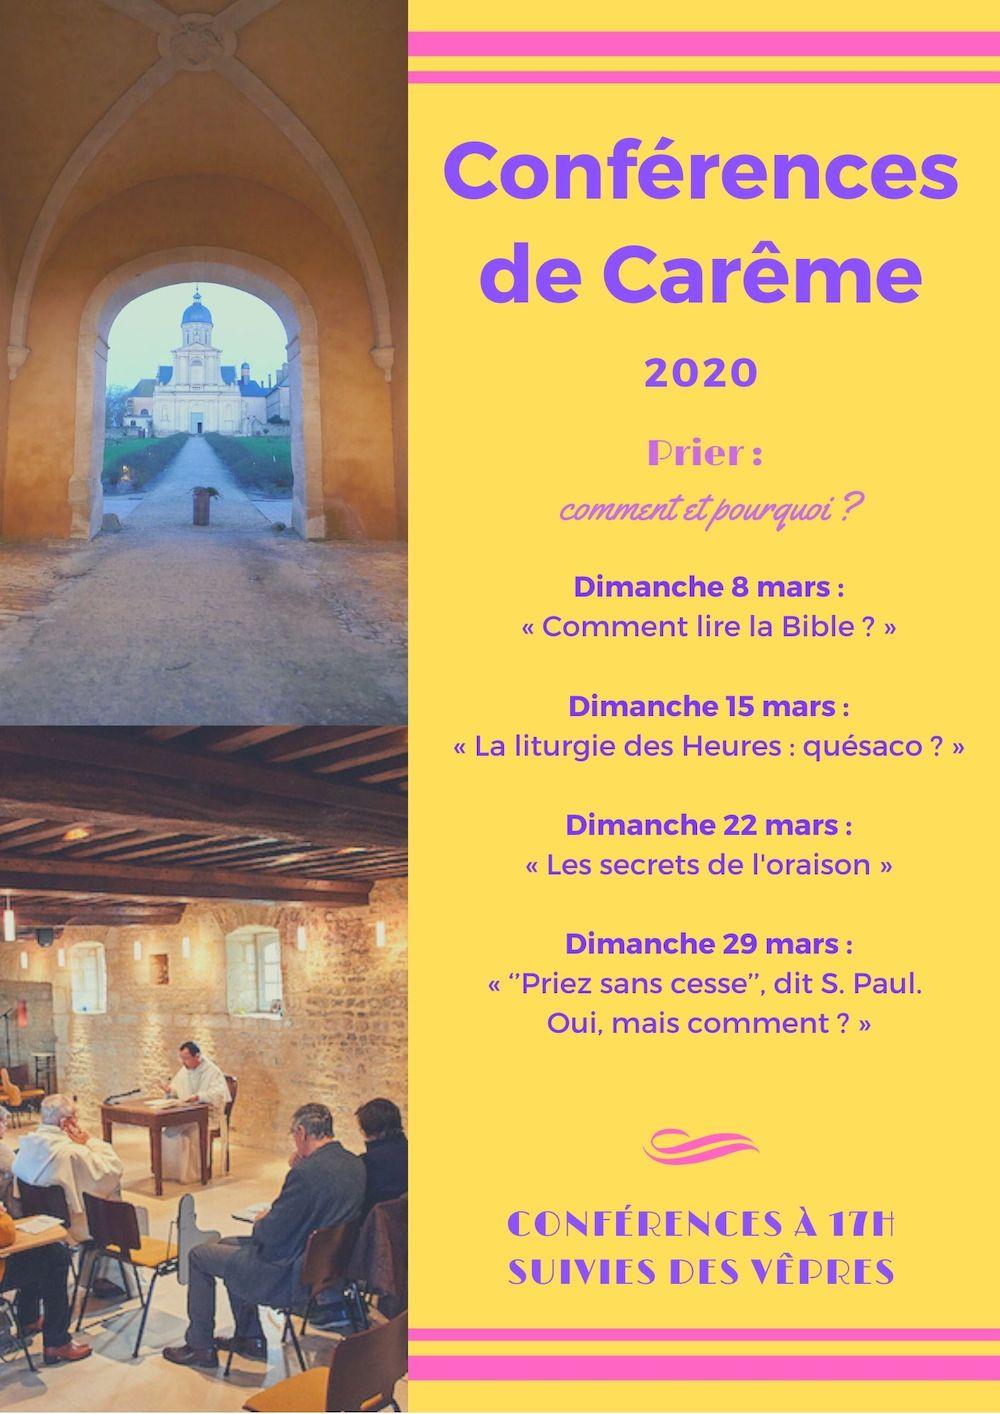 2020 02 06 conference de careme